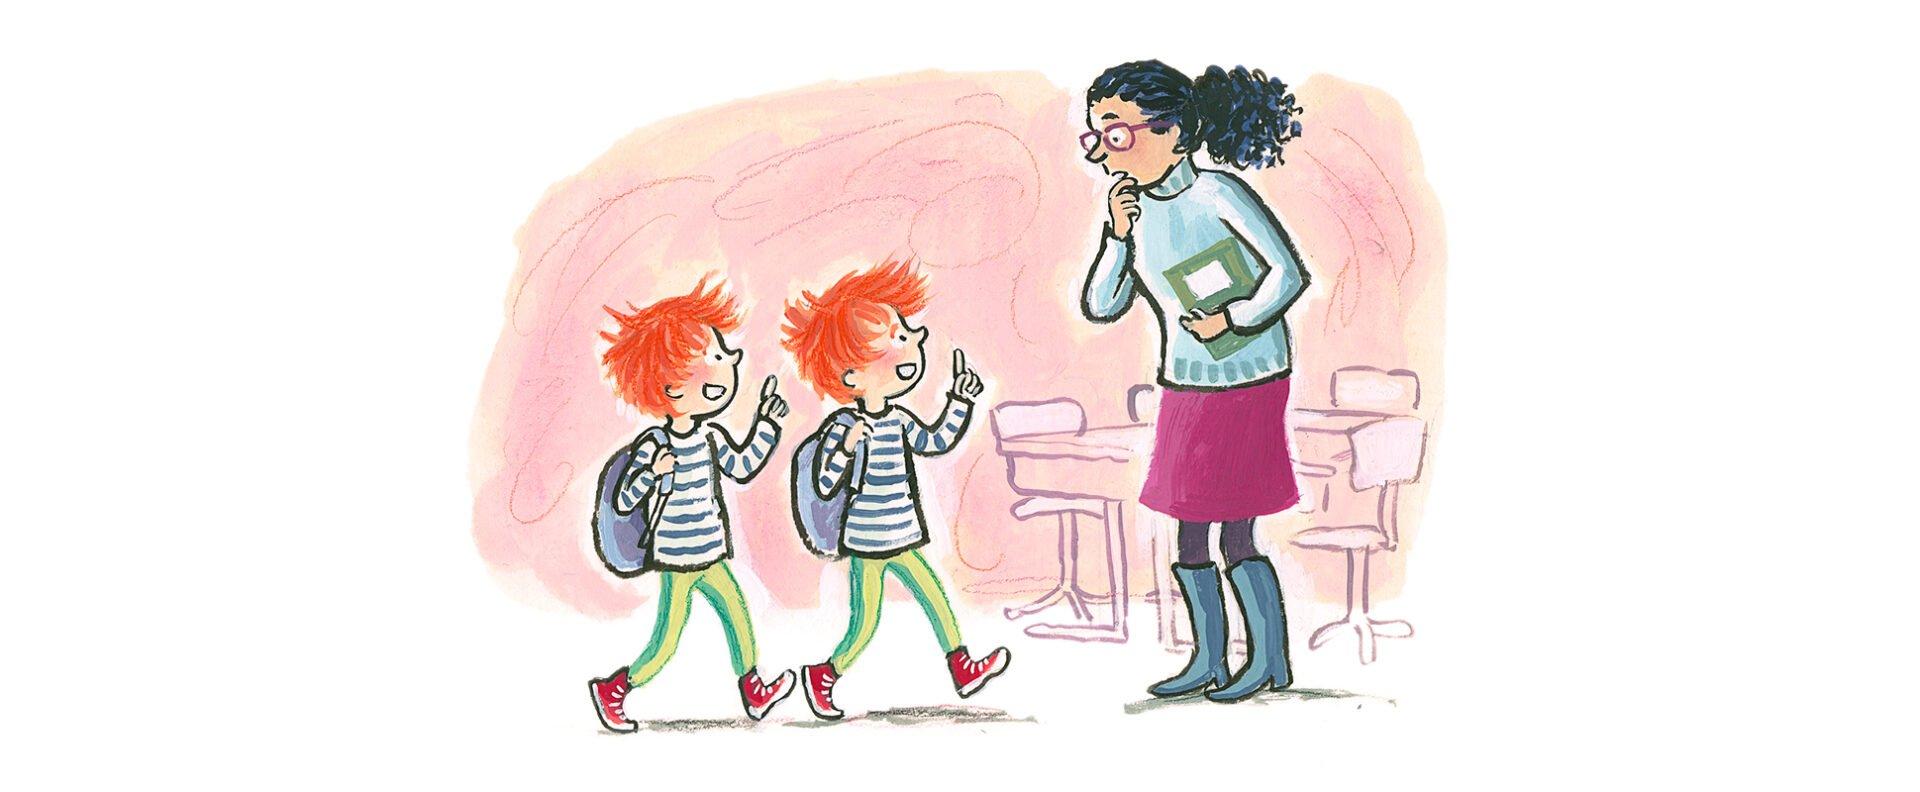 Beginnende lezers en AVI - illustratie door Saskia Halfmouw